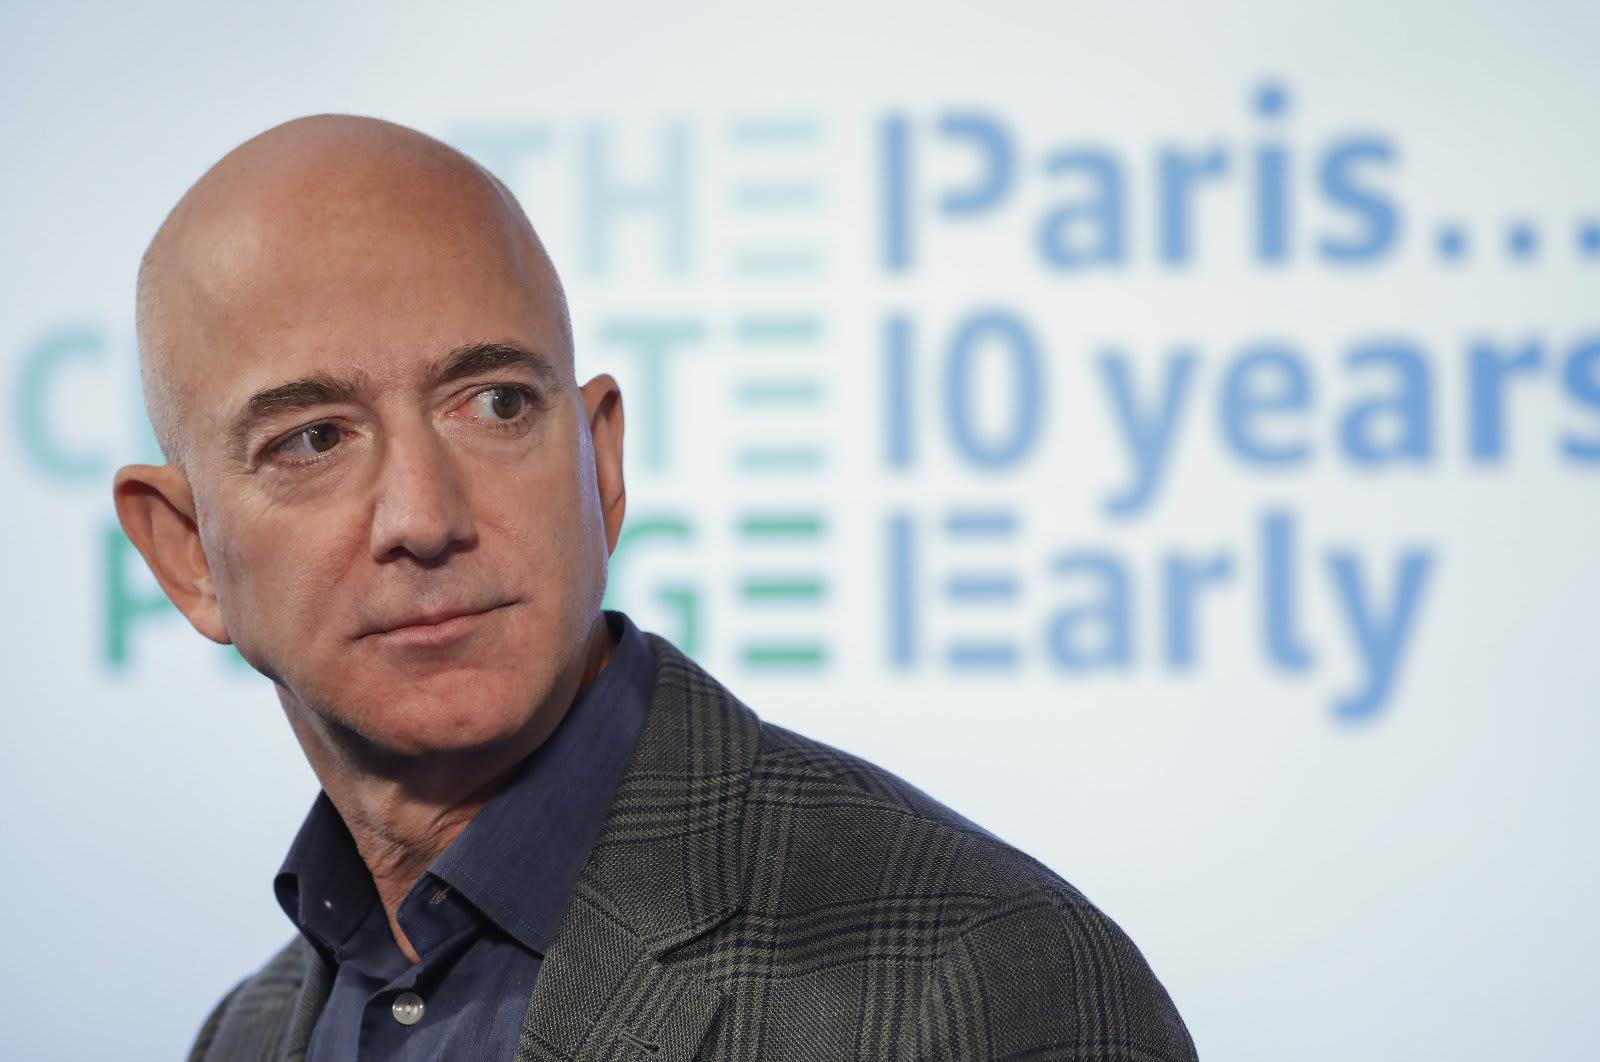 Amazon CEOジェフ・ベゾス、気候変動対策のための基金設立。約1.1兆円 ...